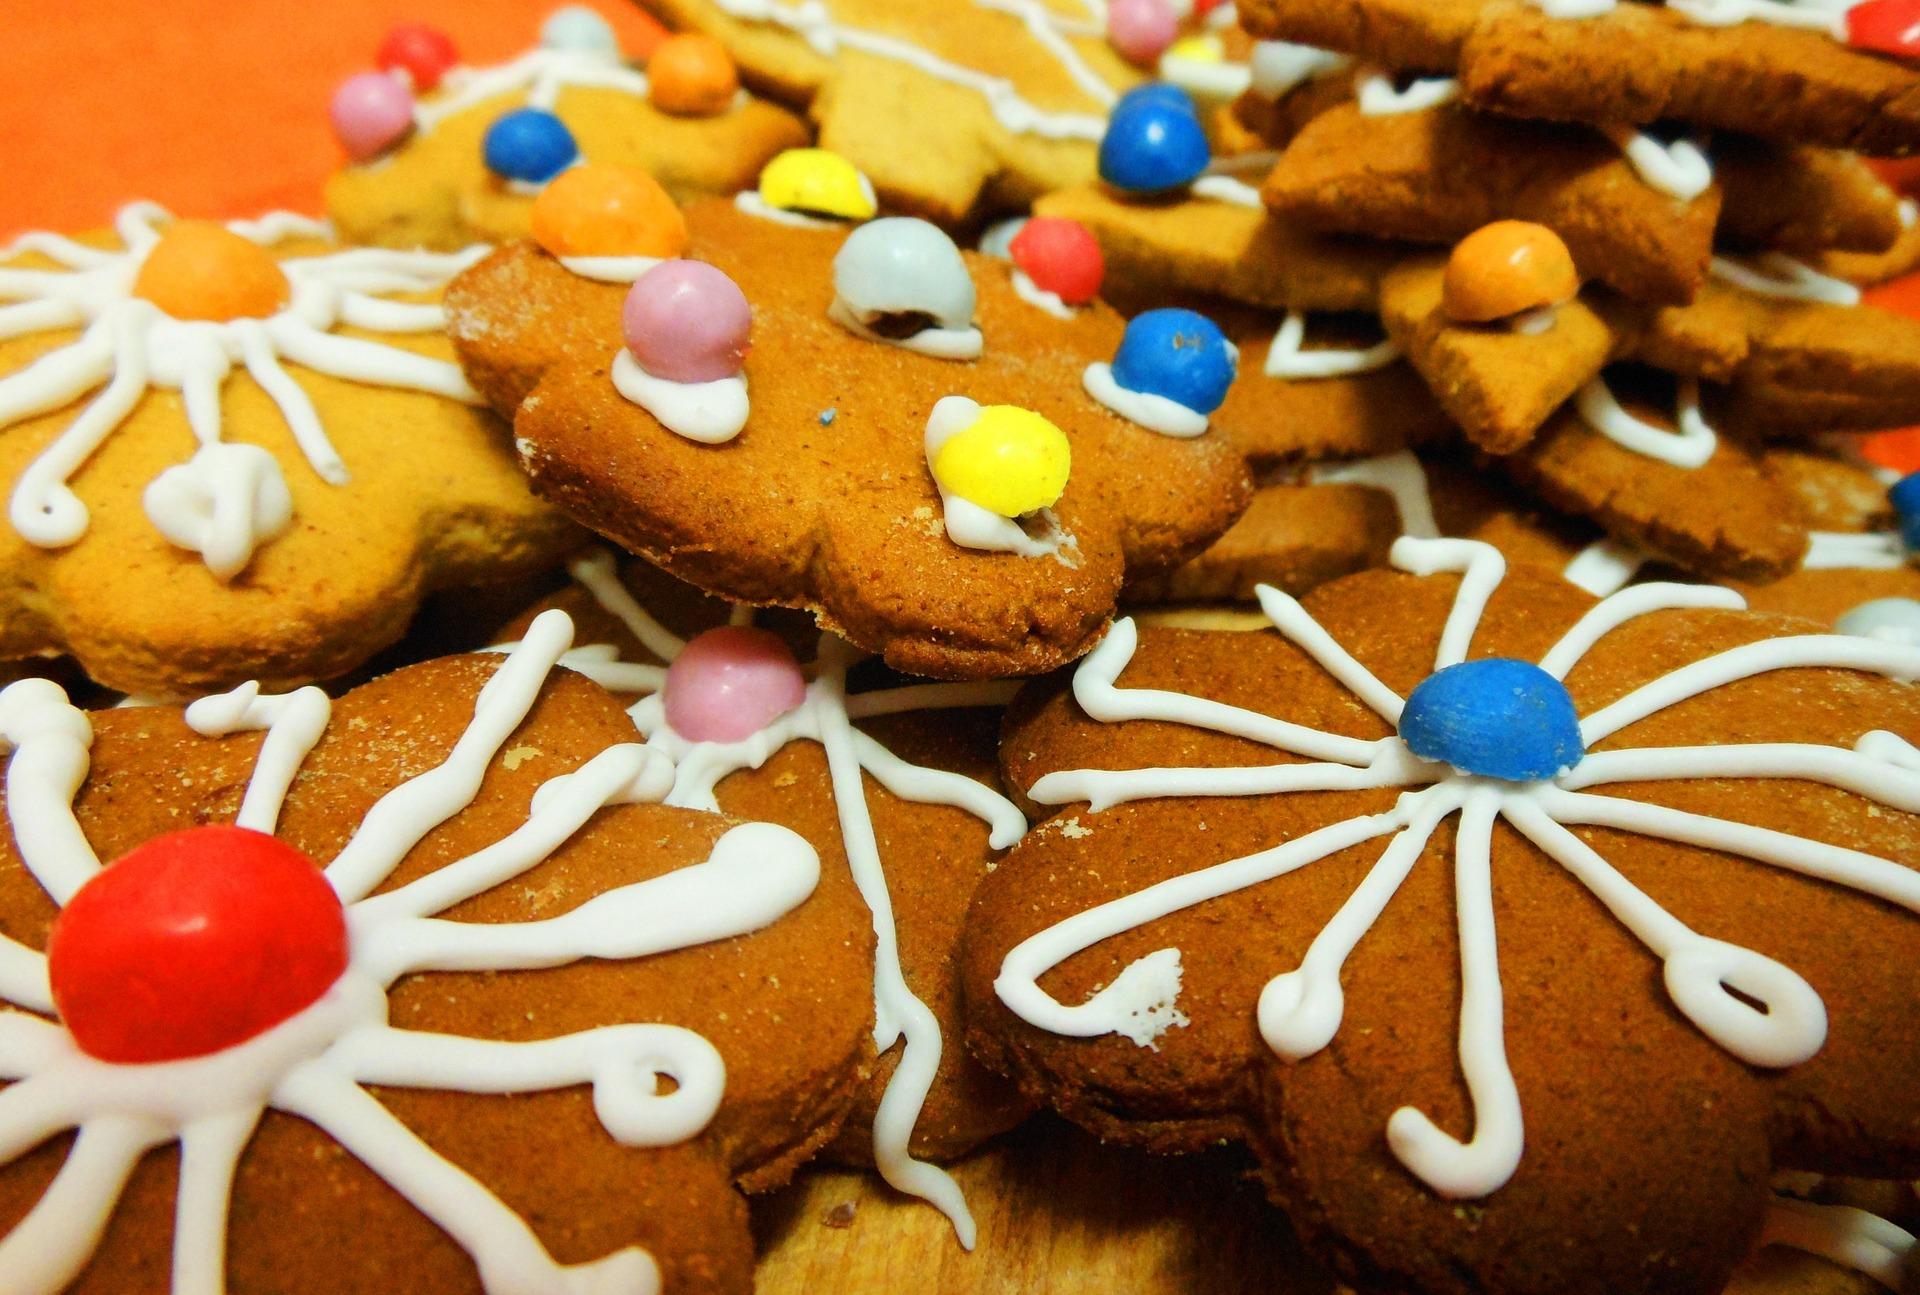 cookie-337058_1920.jpg